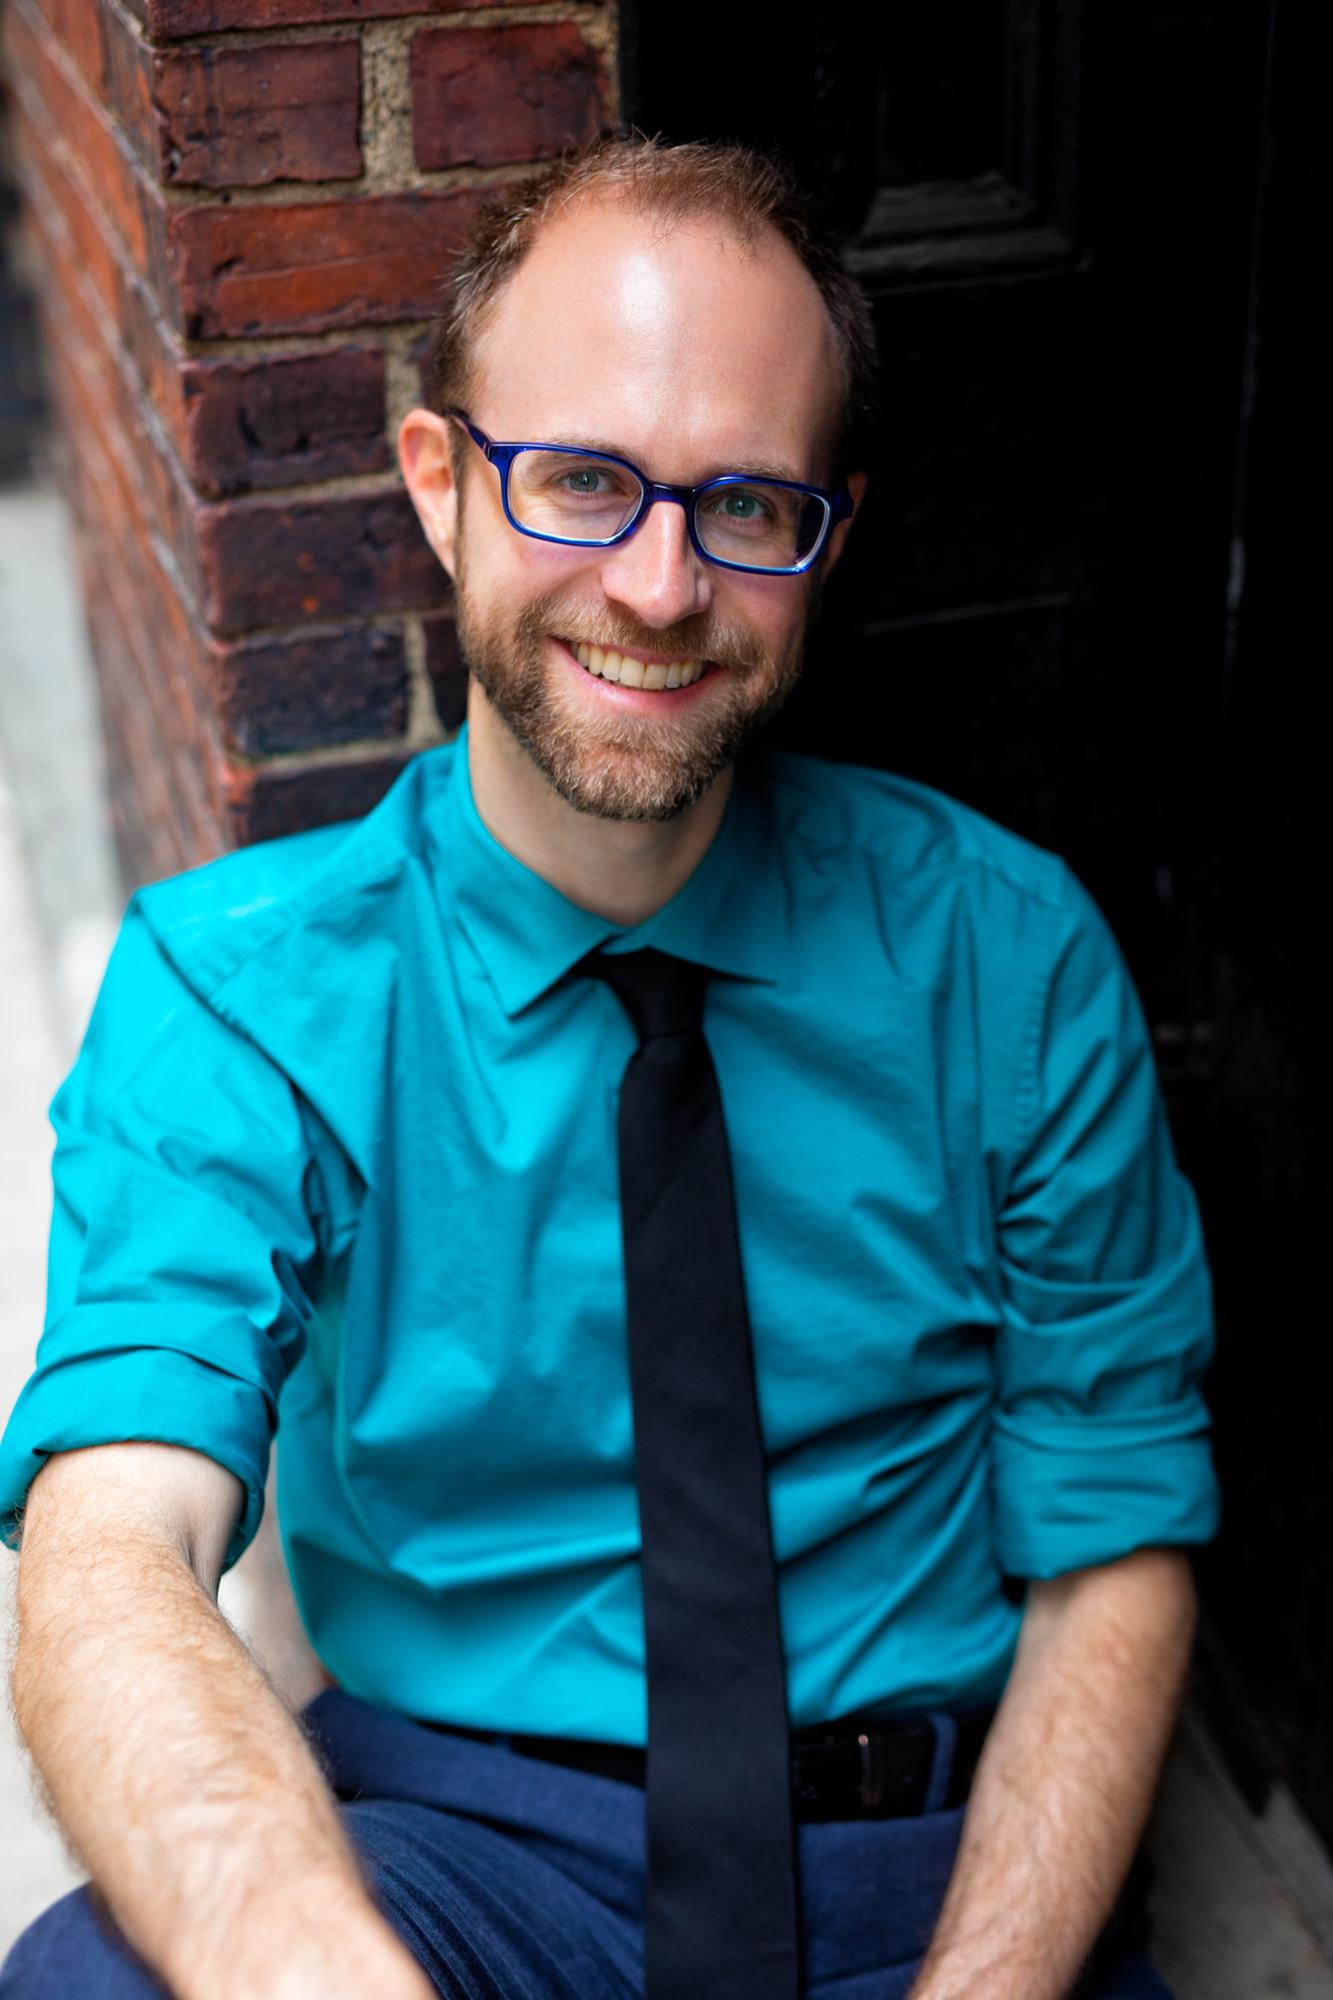 Photo by   Robert Torres.   www.roberttorresphotography.com